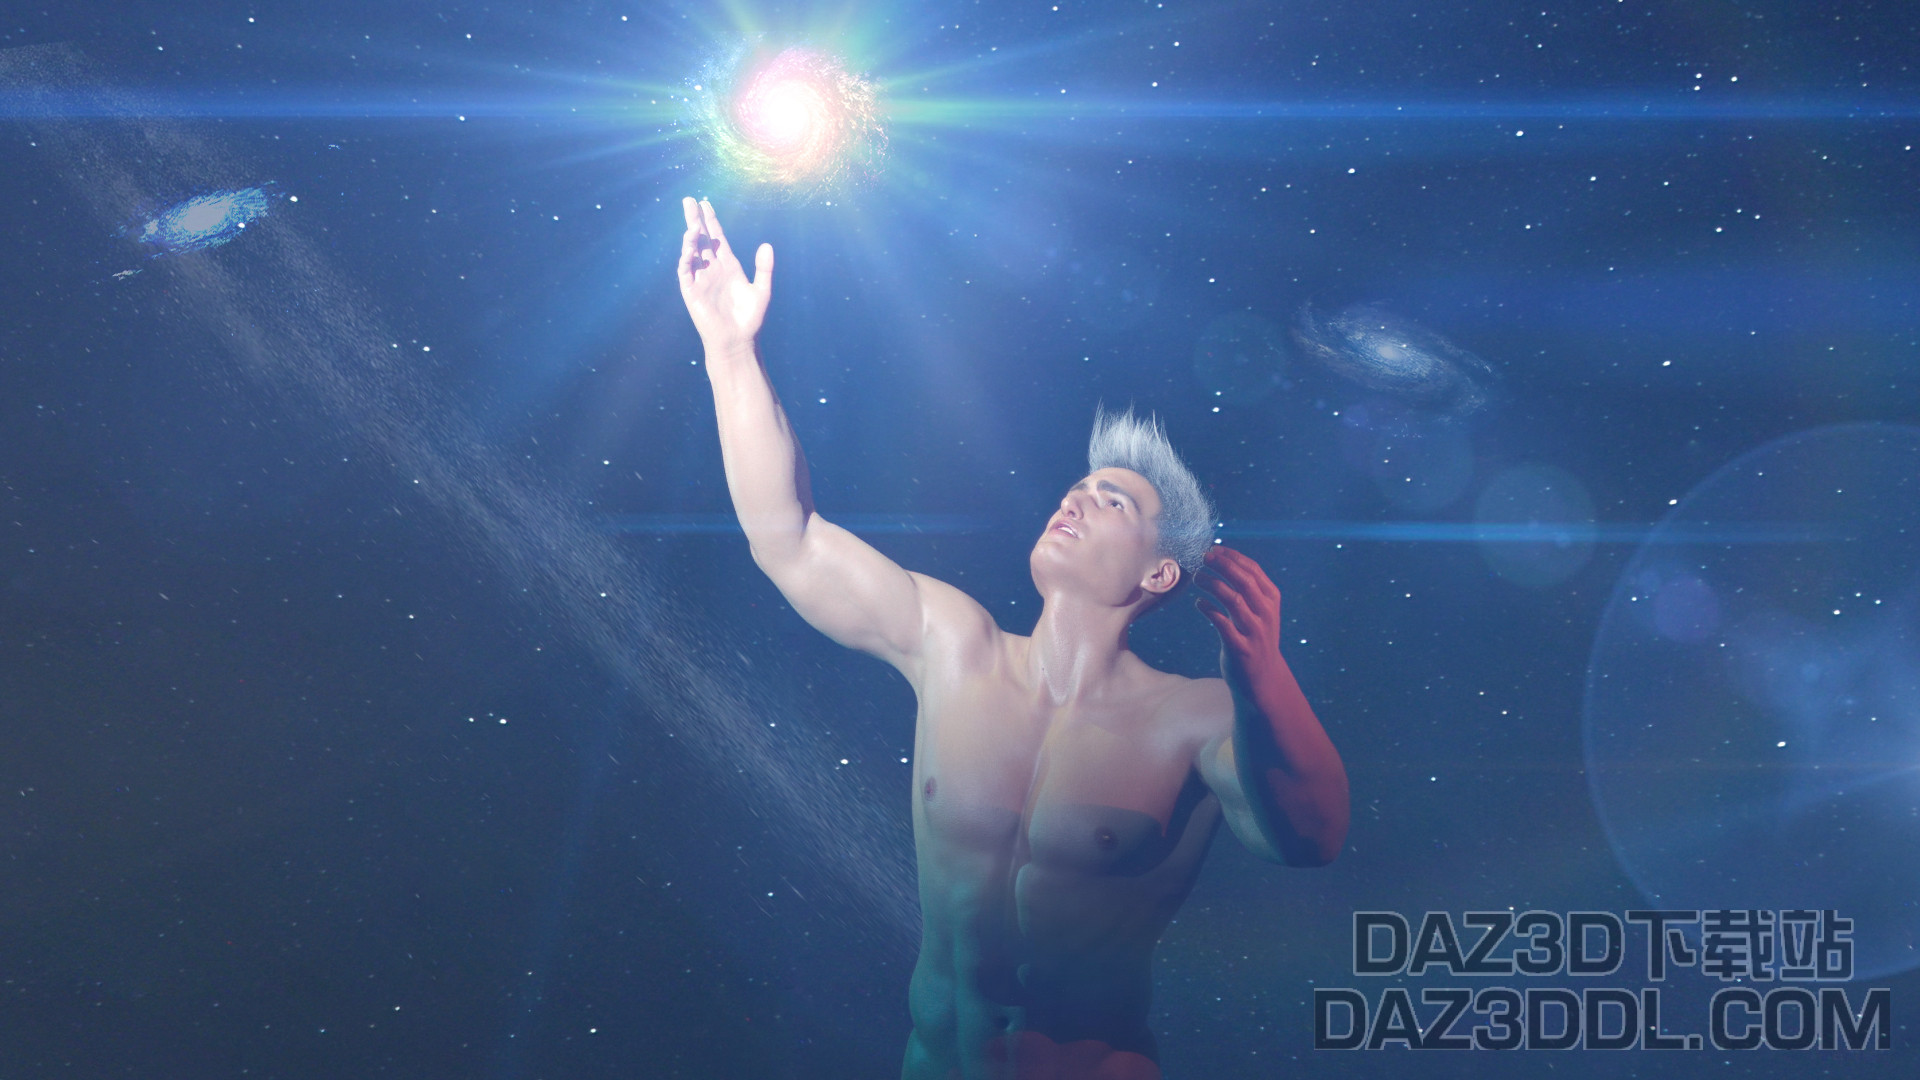 the galaxy-DeNoiseAI-ps.jpg